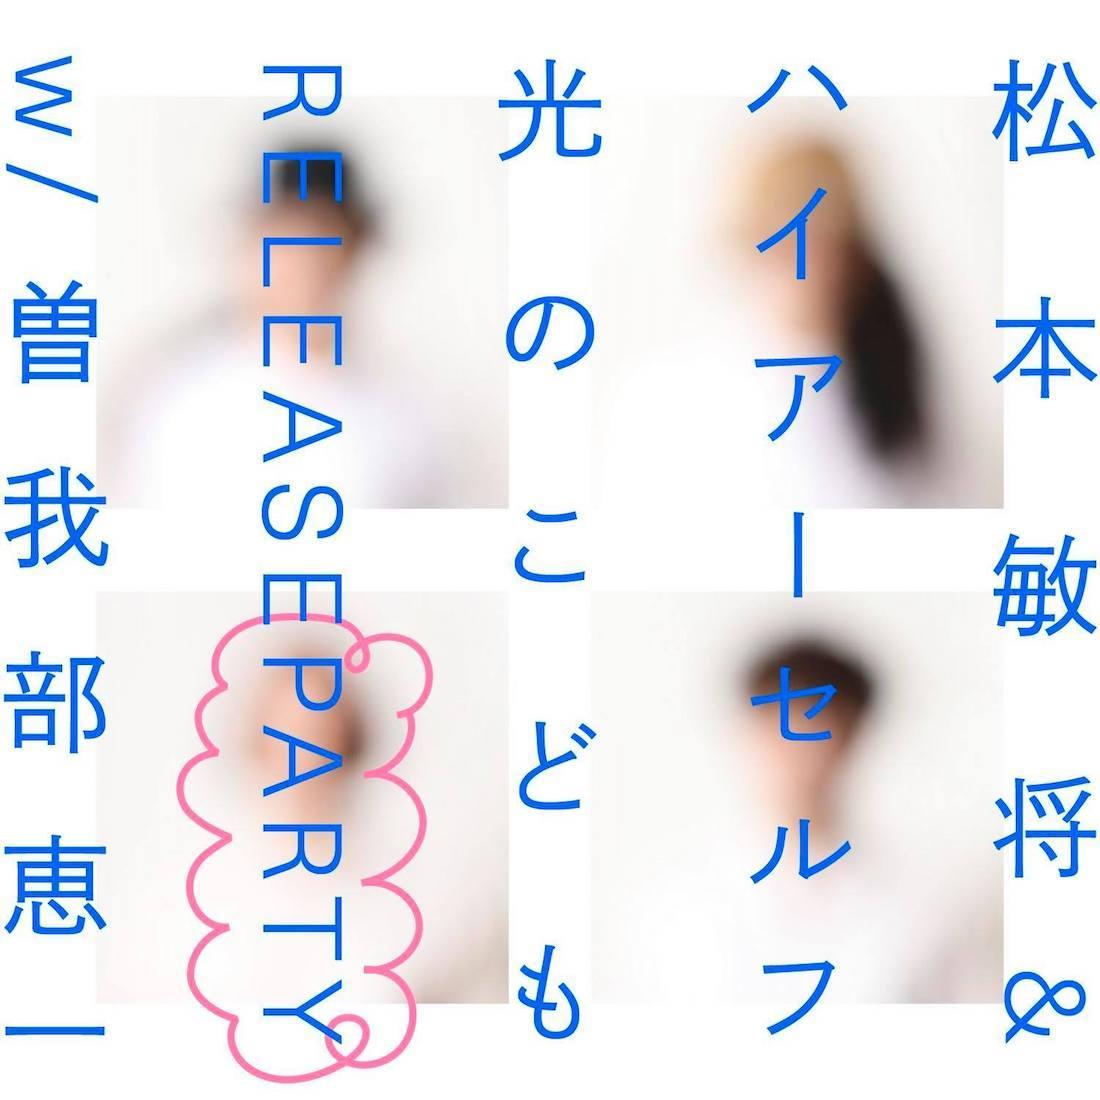 松本敏将&ハイアーセルフ 1st album『光のこども』release party